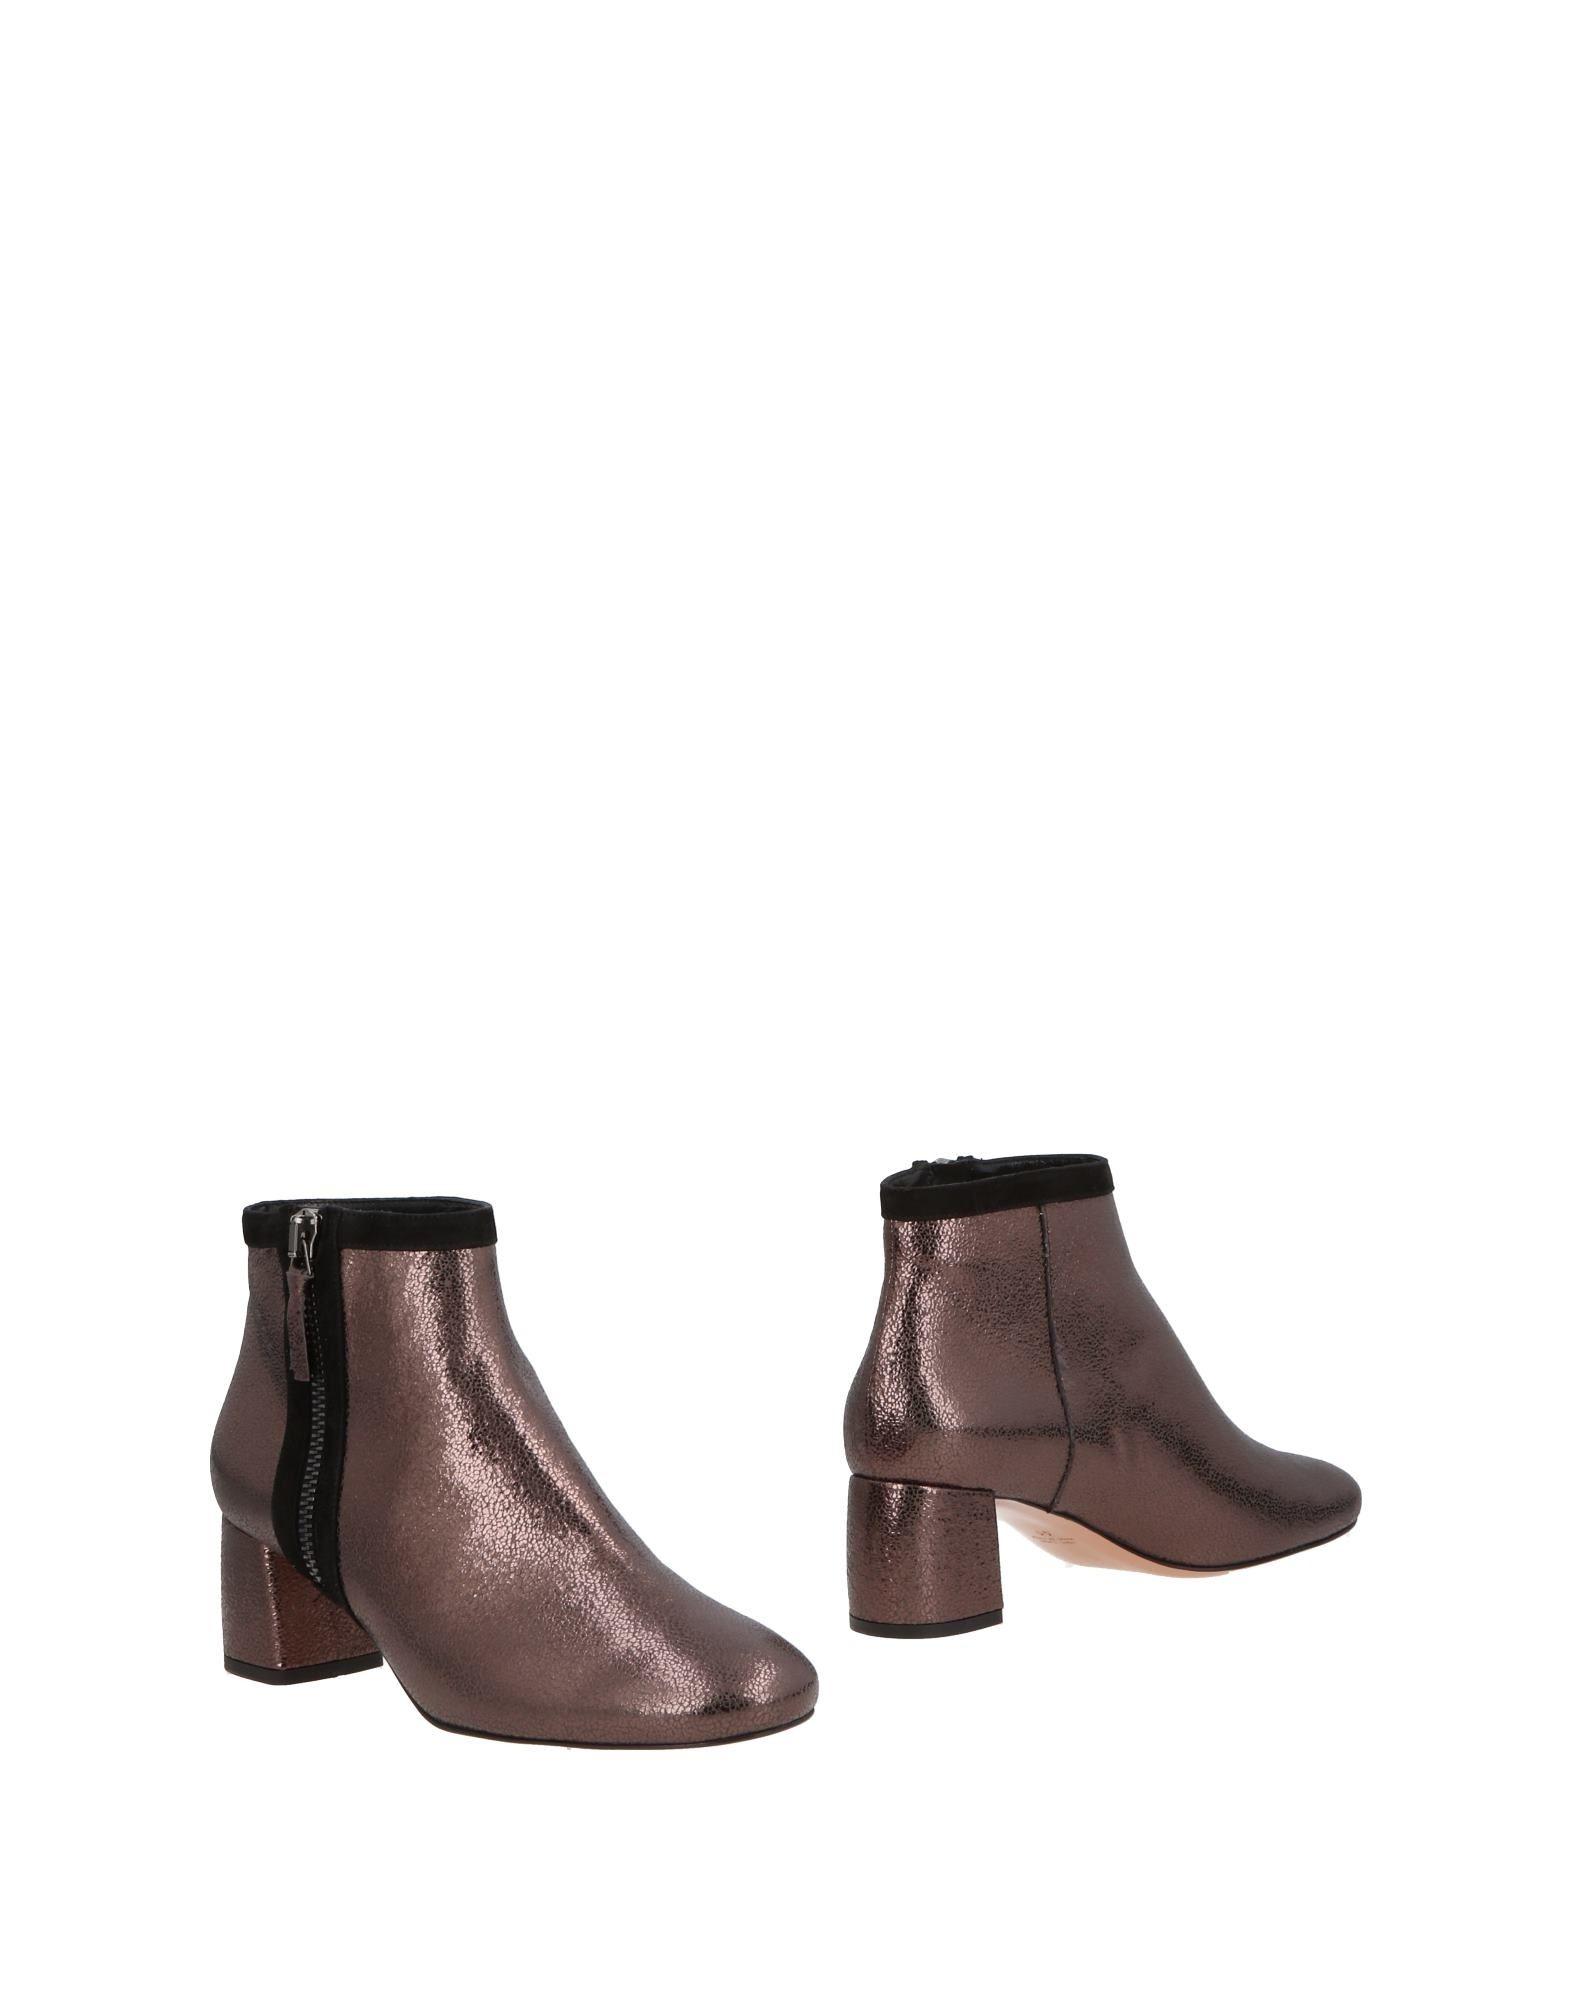 Stilvolle billige Stiefel Schuhe Anna F. Chelsea Stiefel billige Damen  11500479CX 357bea